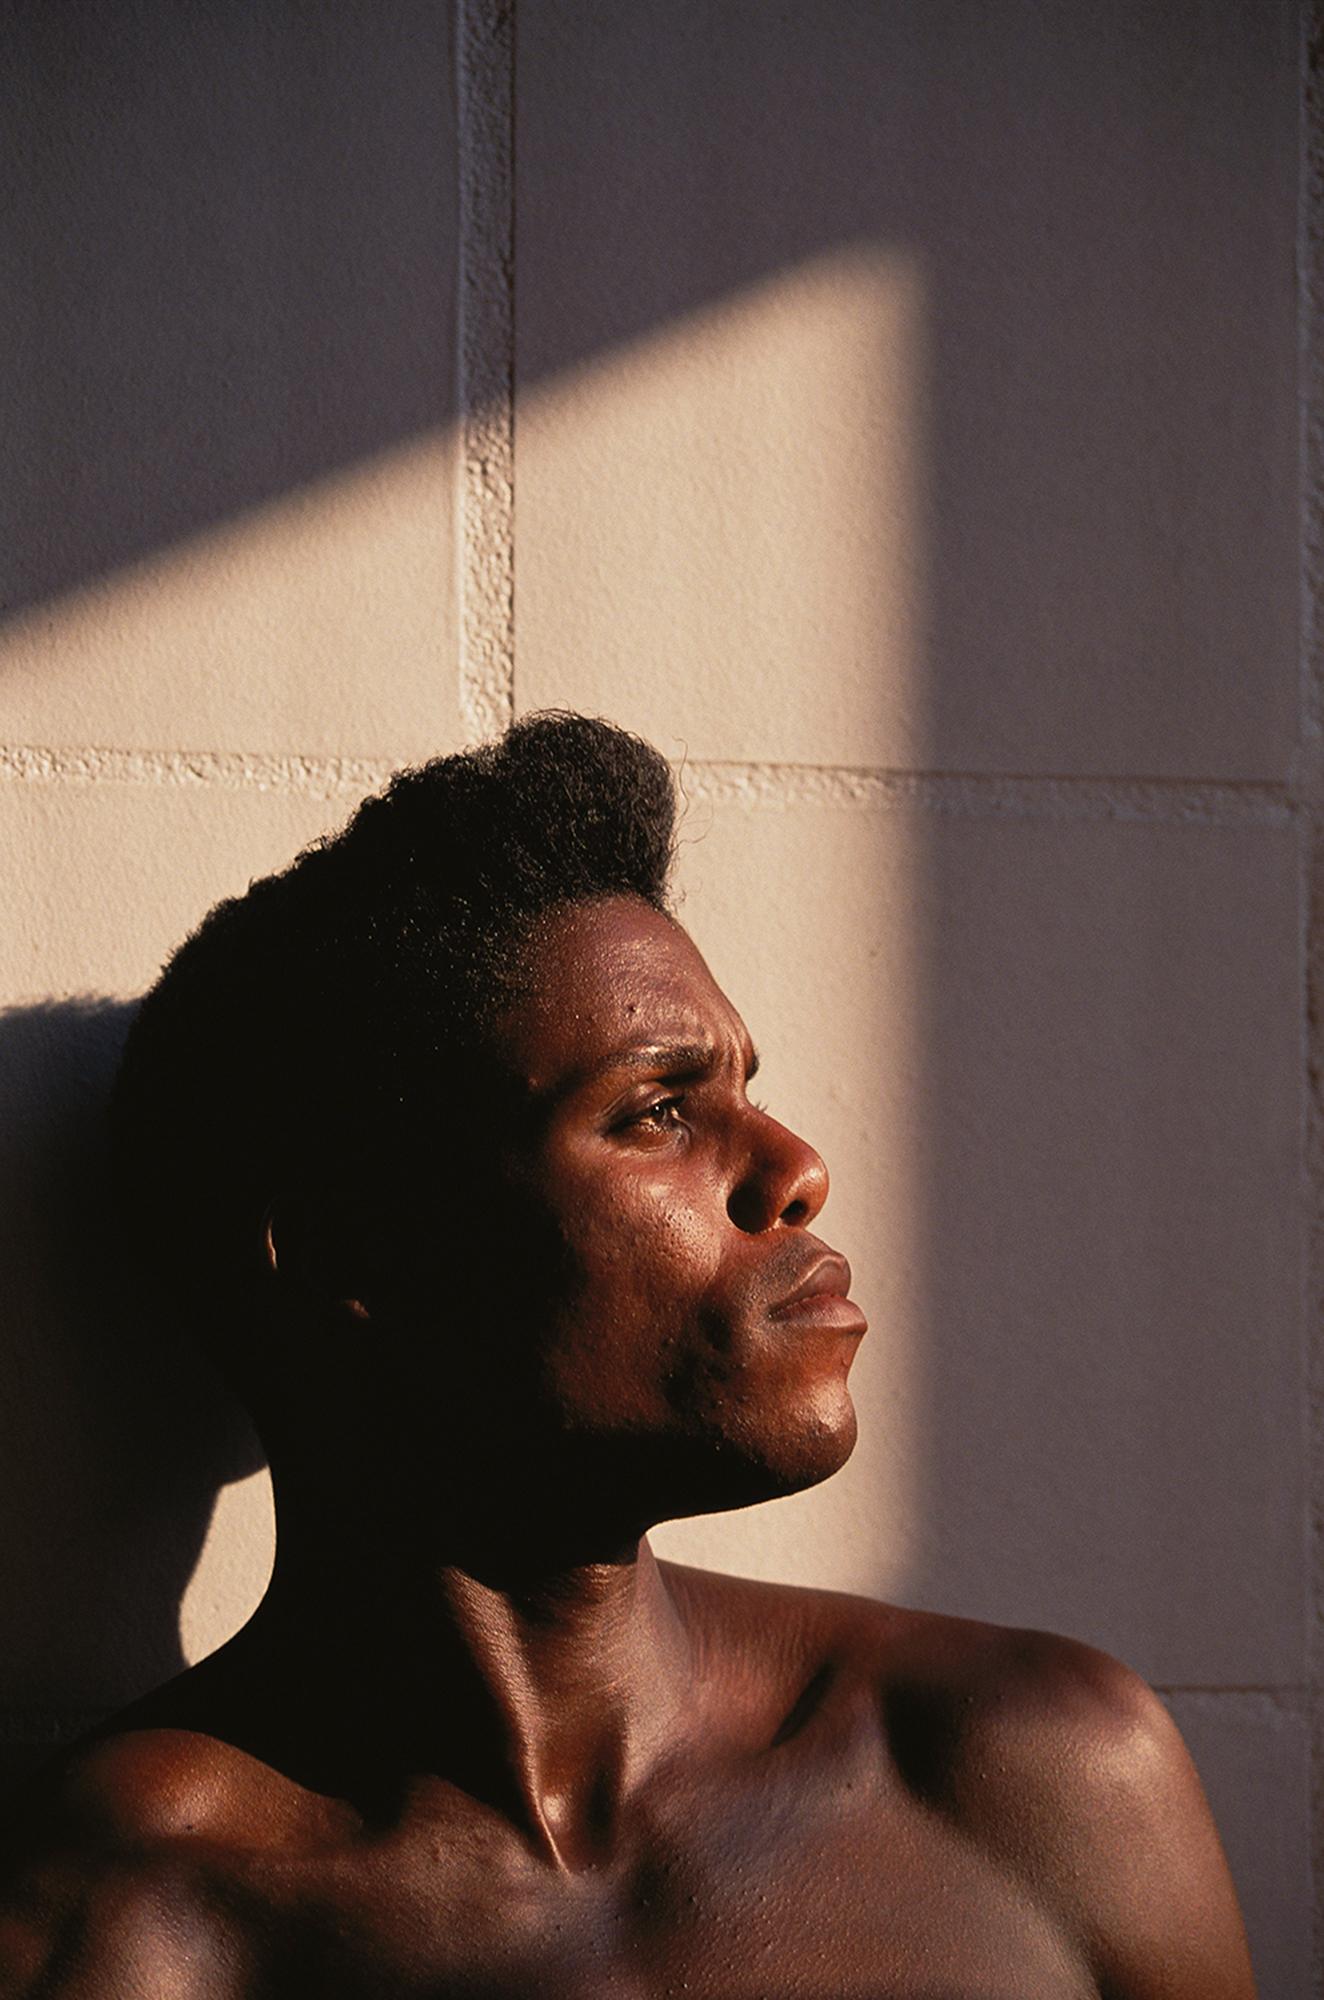 Carl Lewis, 1988